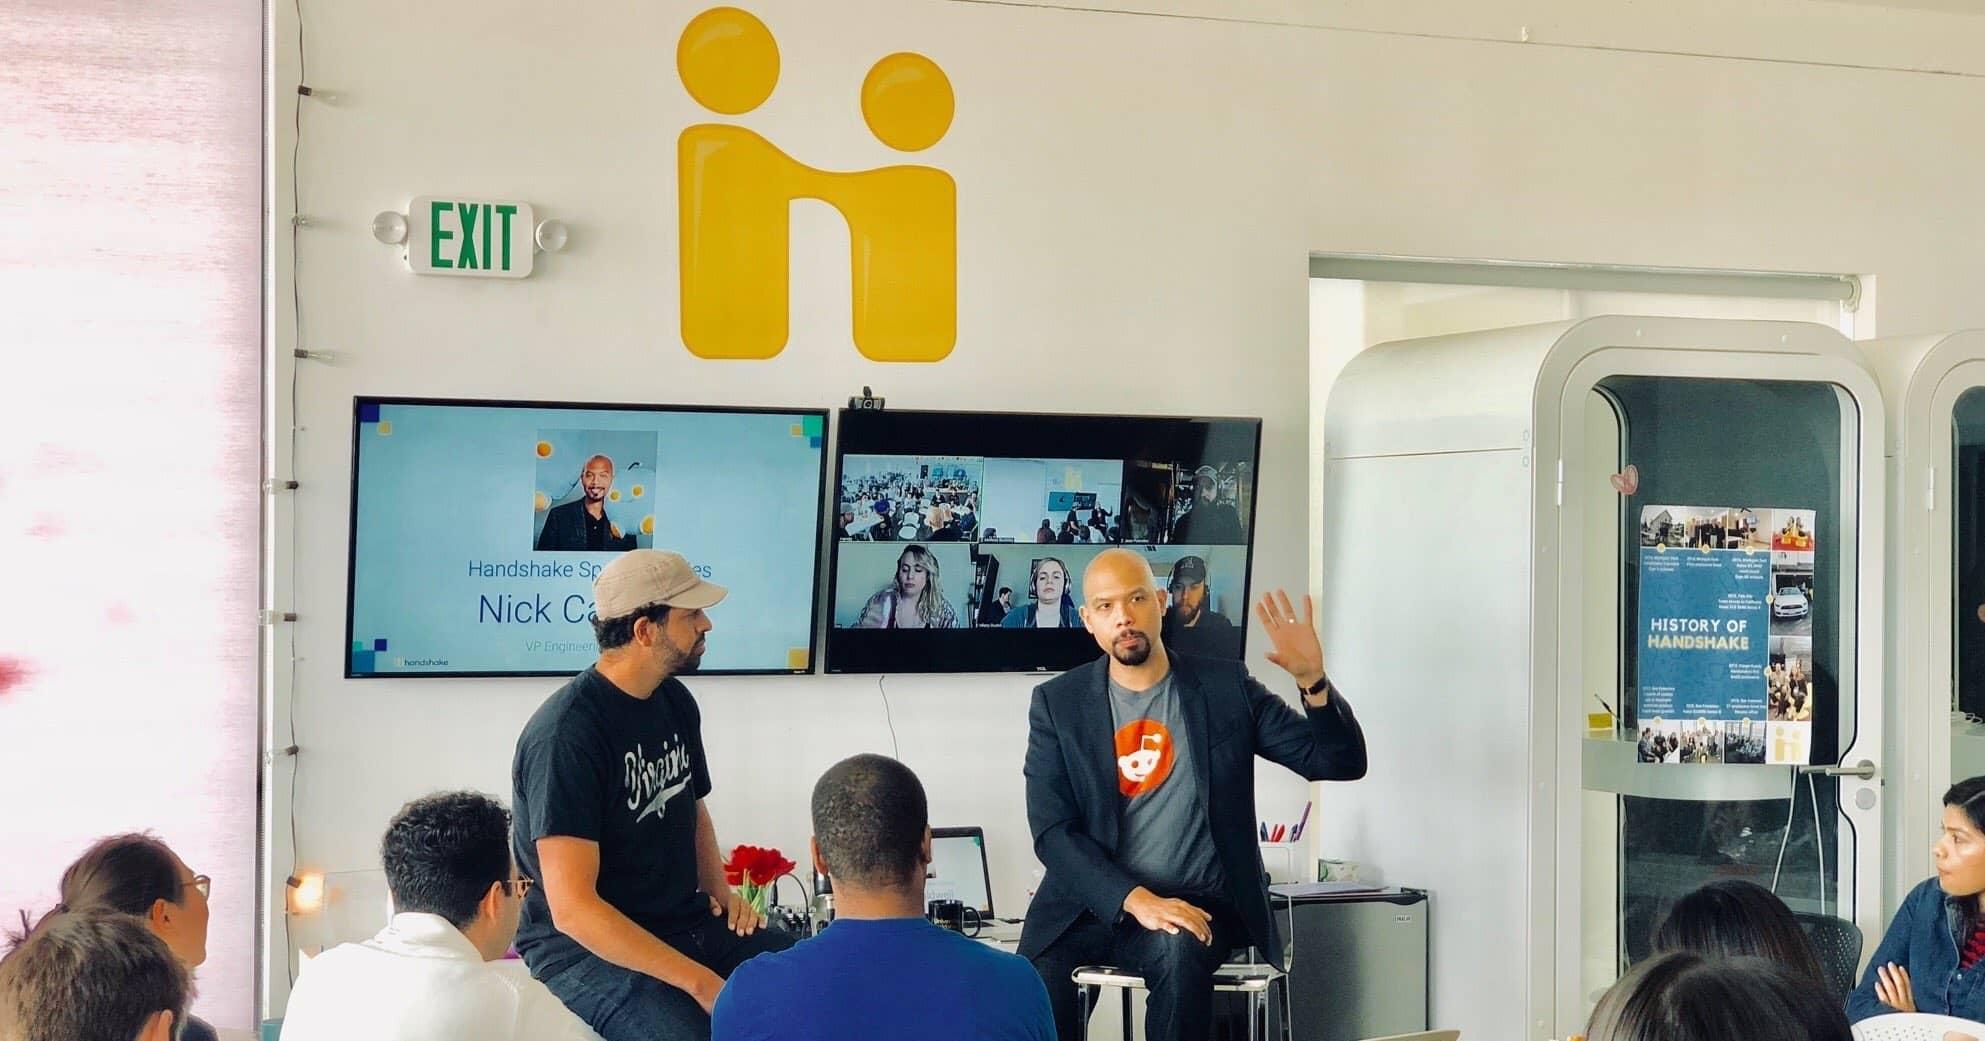 Handshake staff speak at a meetup event